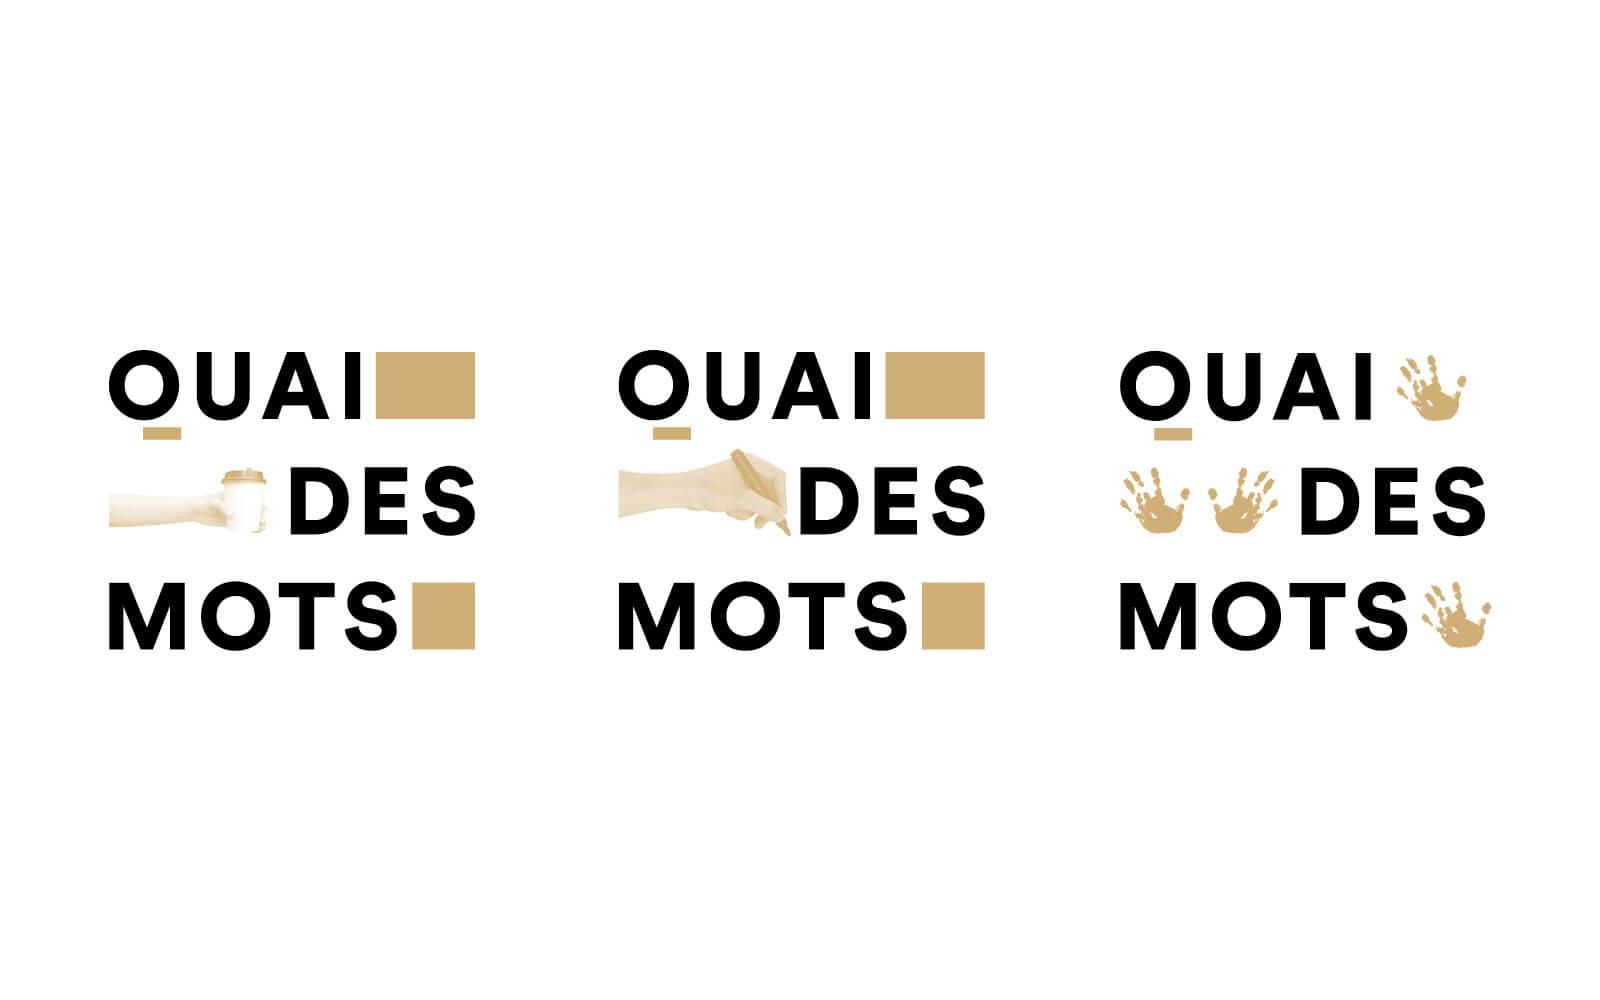 lezardscreation agence communication publicite vosges remiremont quai des mots lezards creation quai des mots identite